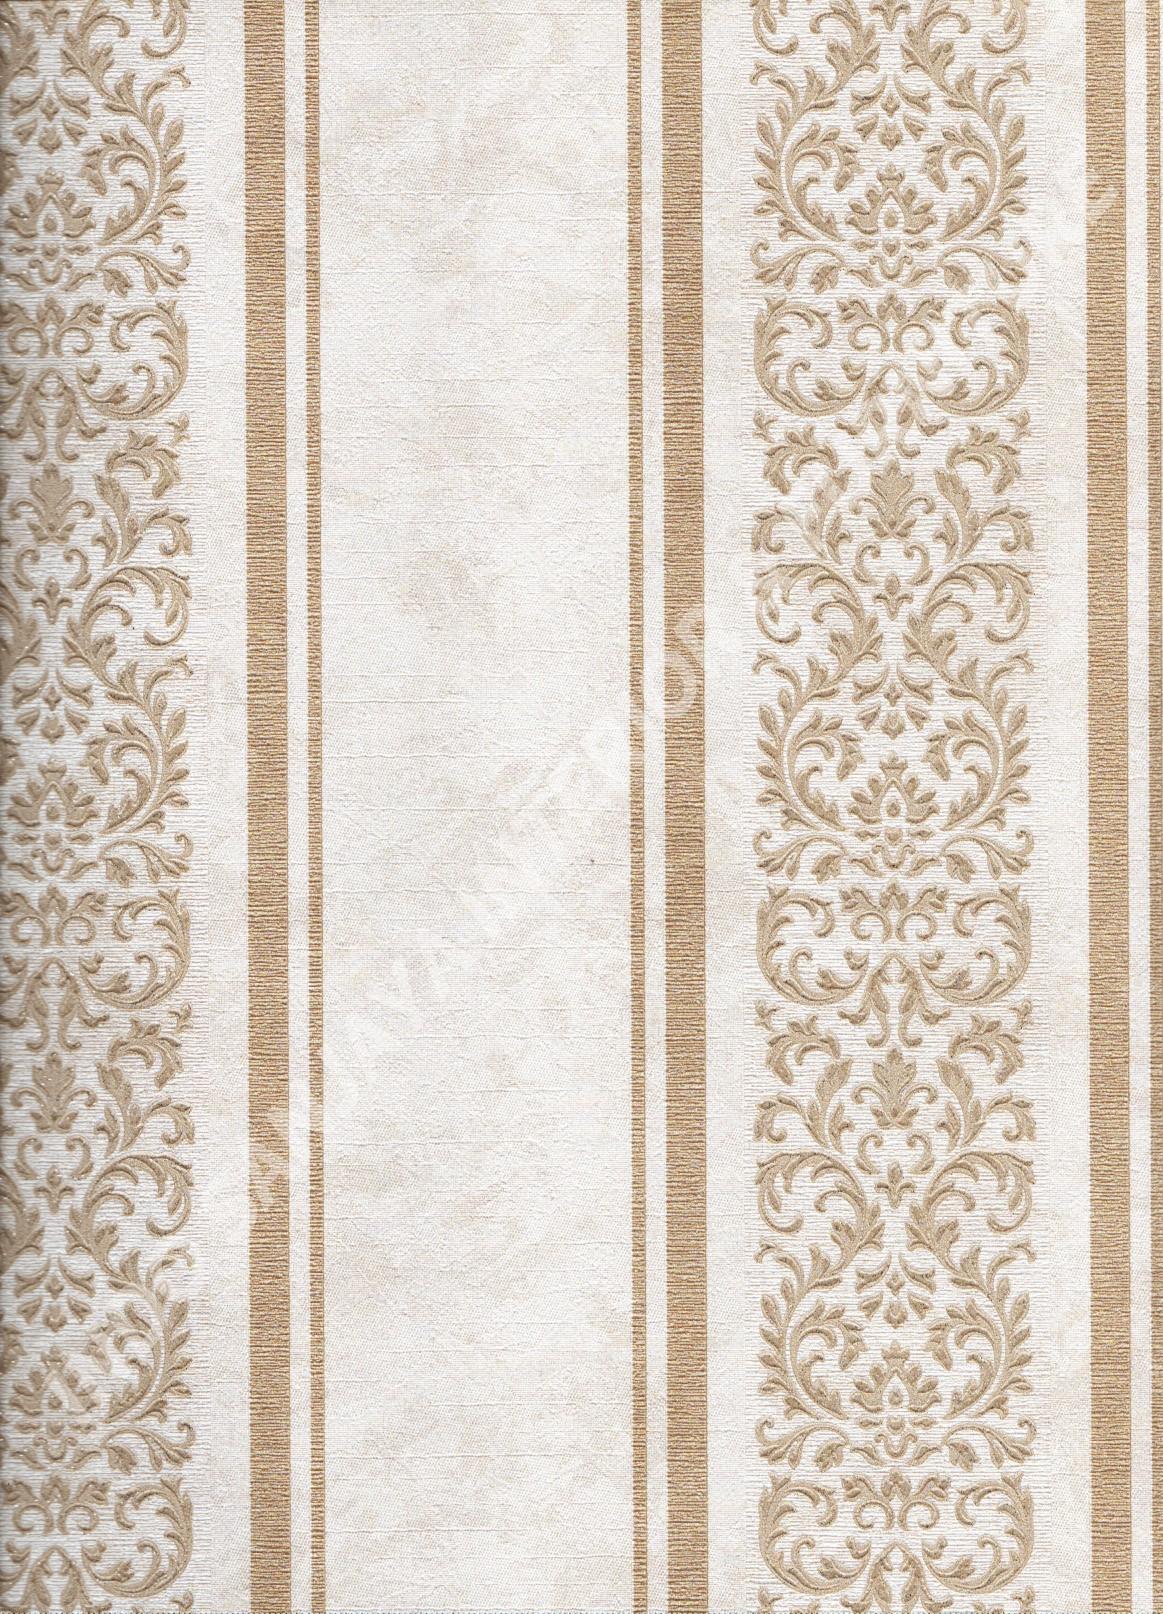 wallpaper   Wallpaper Klasik Batik (Damask) 81082-2:81082-2 corak  warna